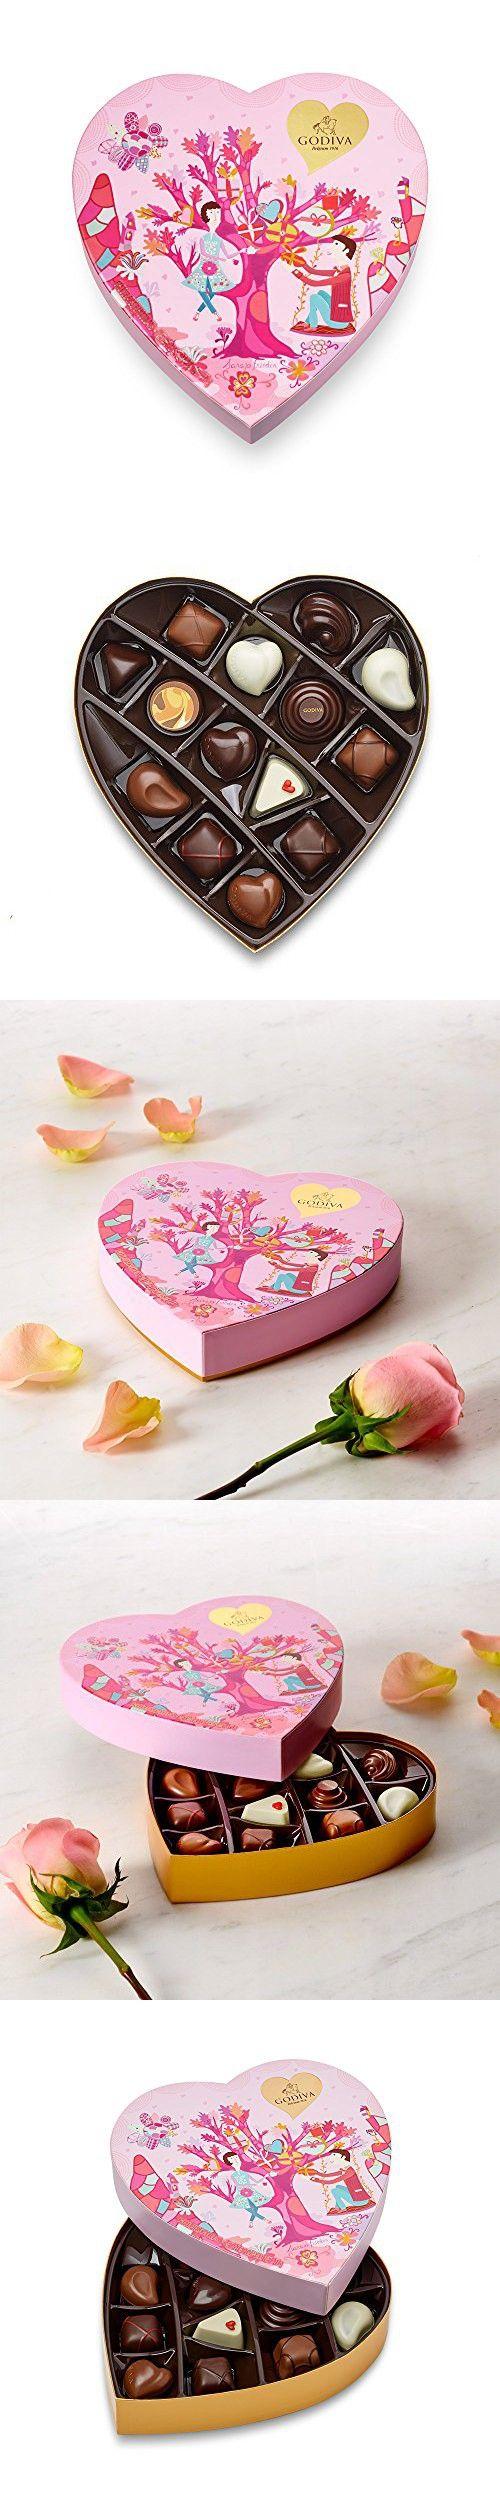 Godiva Chocolatier 14 Piece Valentine's Day Heart Gift Box